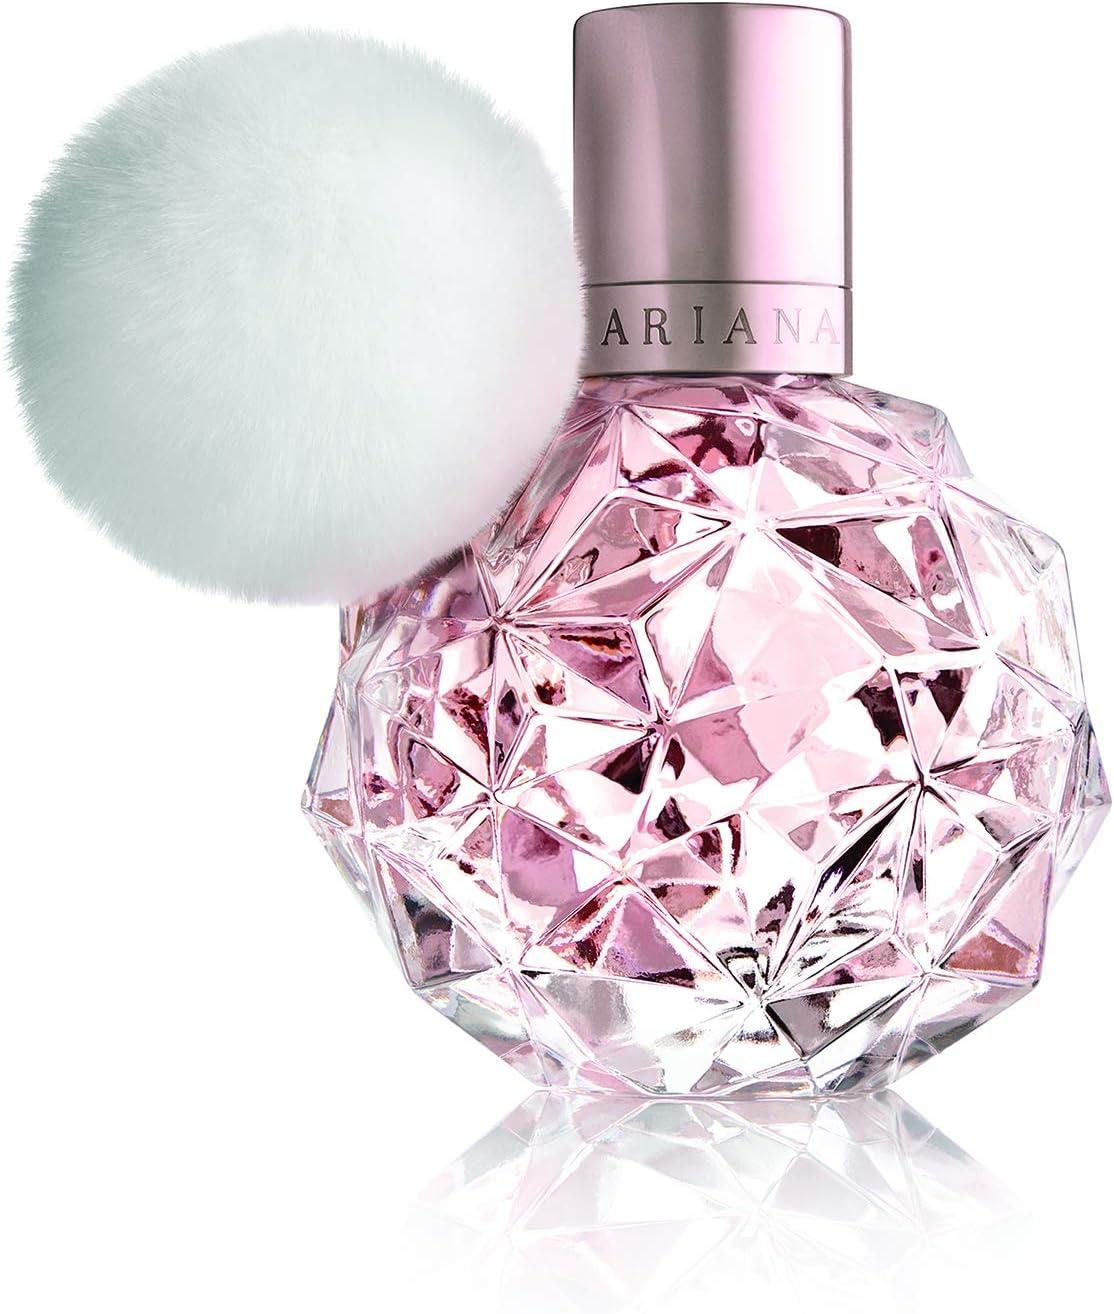 Ariana Grande 30ml Eau de Parfum Spray